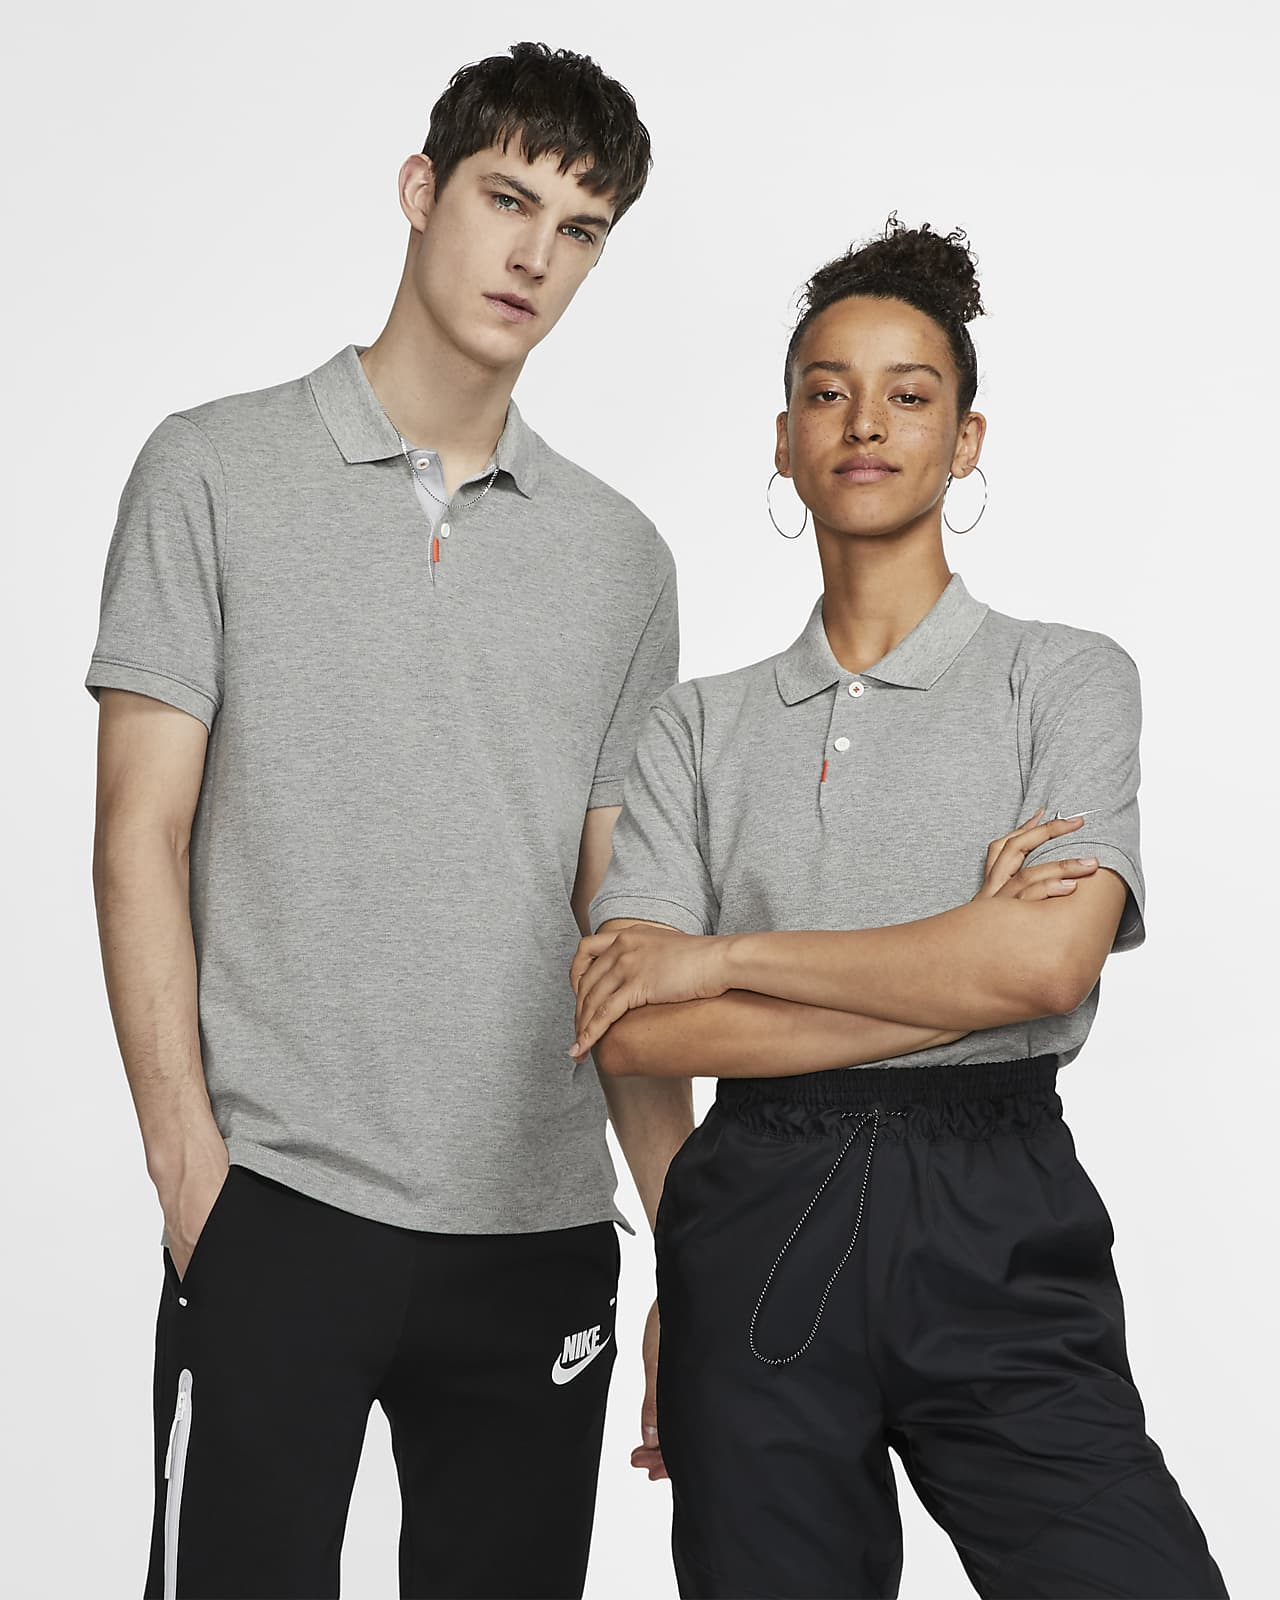 Unisex polokošile The Nike Polo v zeštíhleném střihu